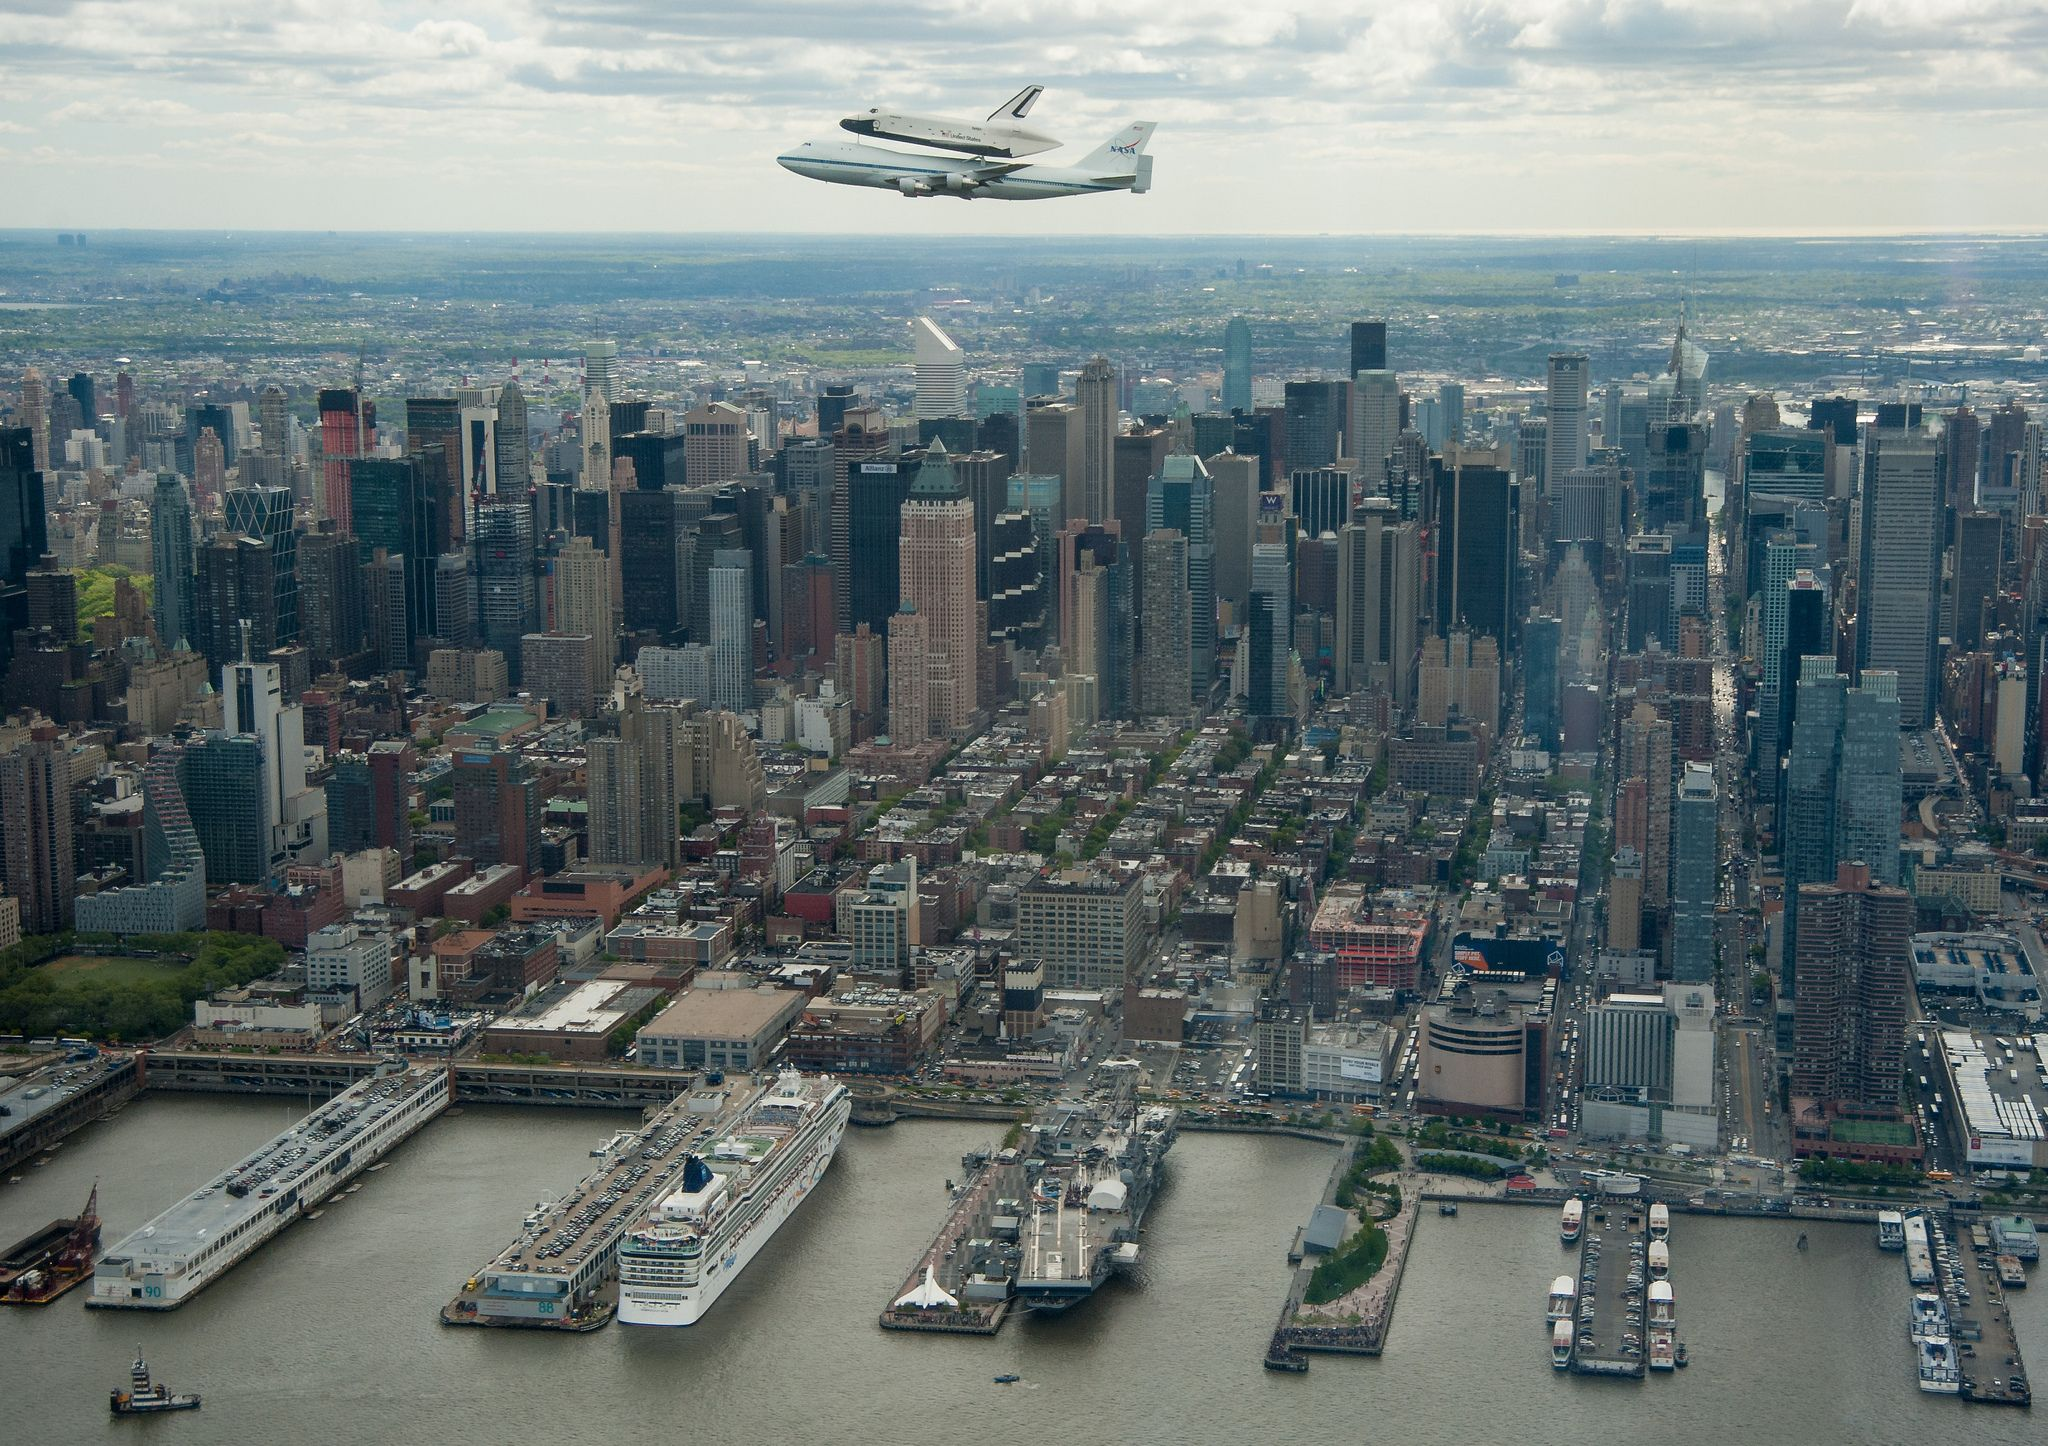 Shuttle Enterprise Flight to New York (201204270023HQ